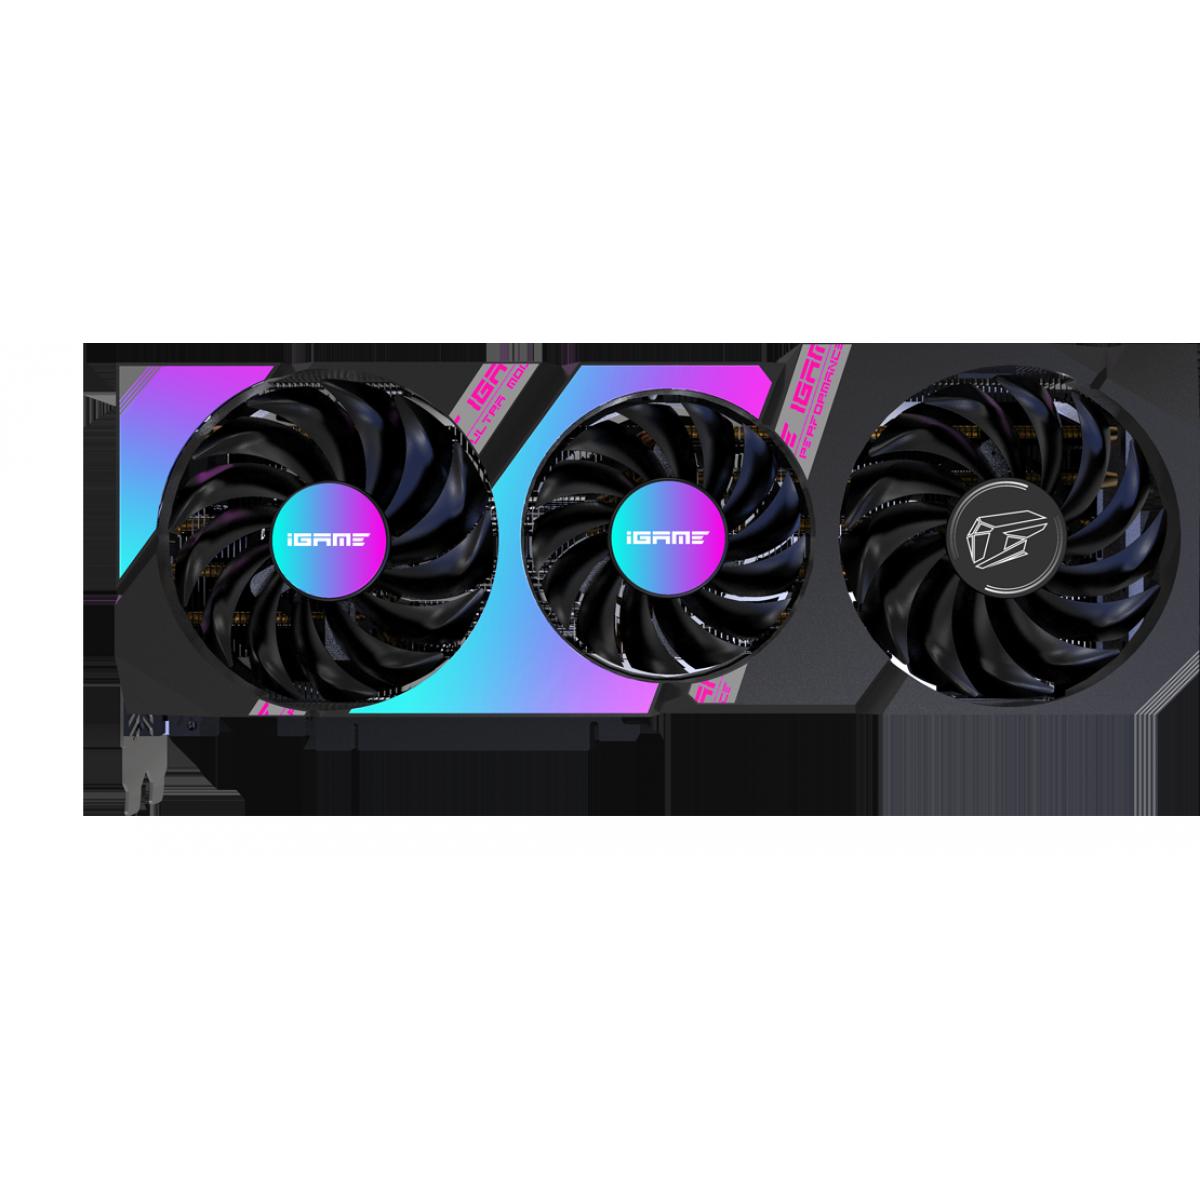 Placa de Vídeo Colorful, GeForce, iGame RTX 3080 Ultra 10G-V, 10GB, GDDR6X, 320Bit